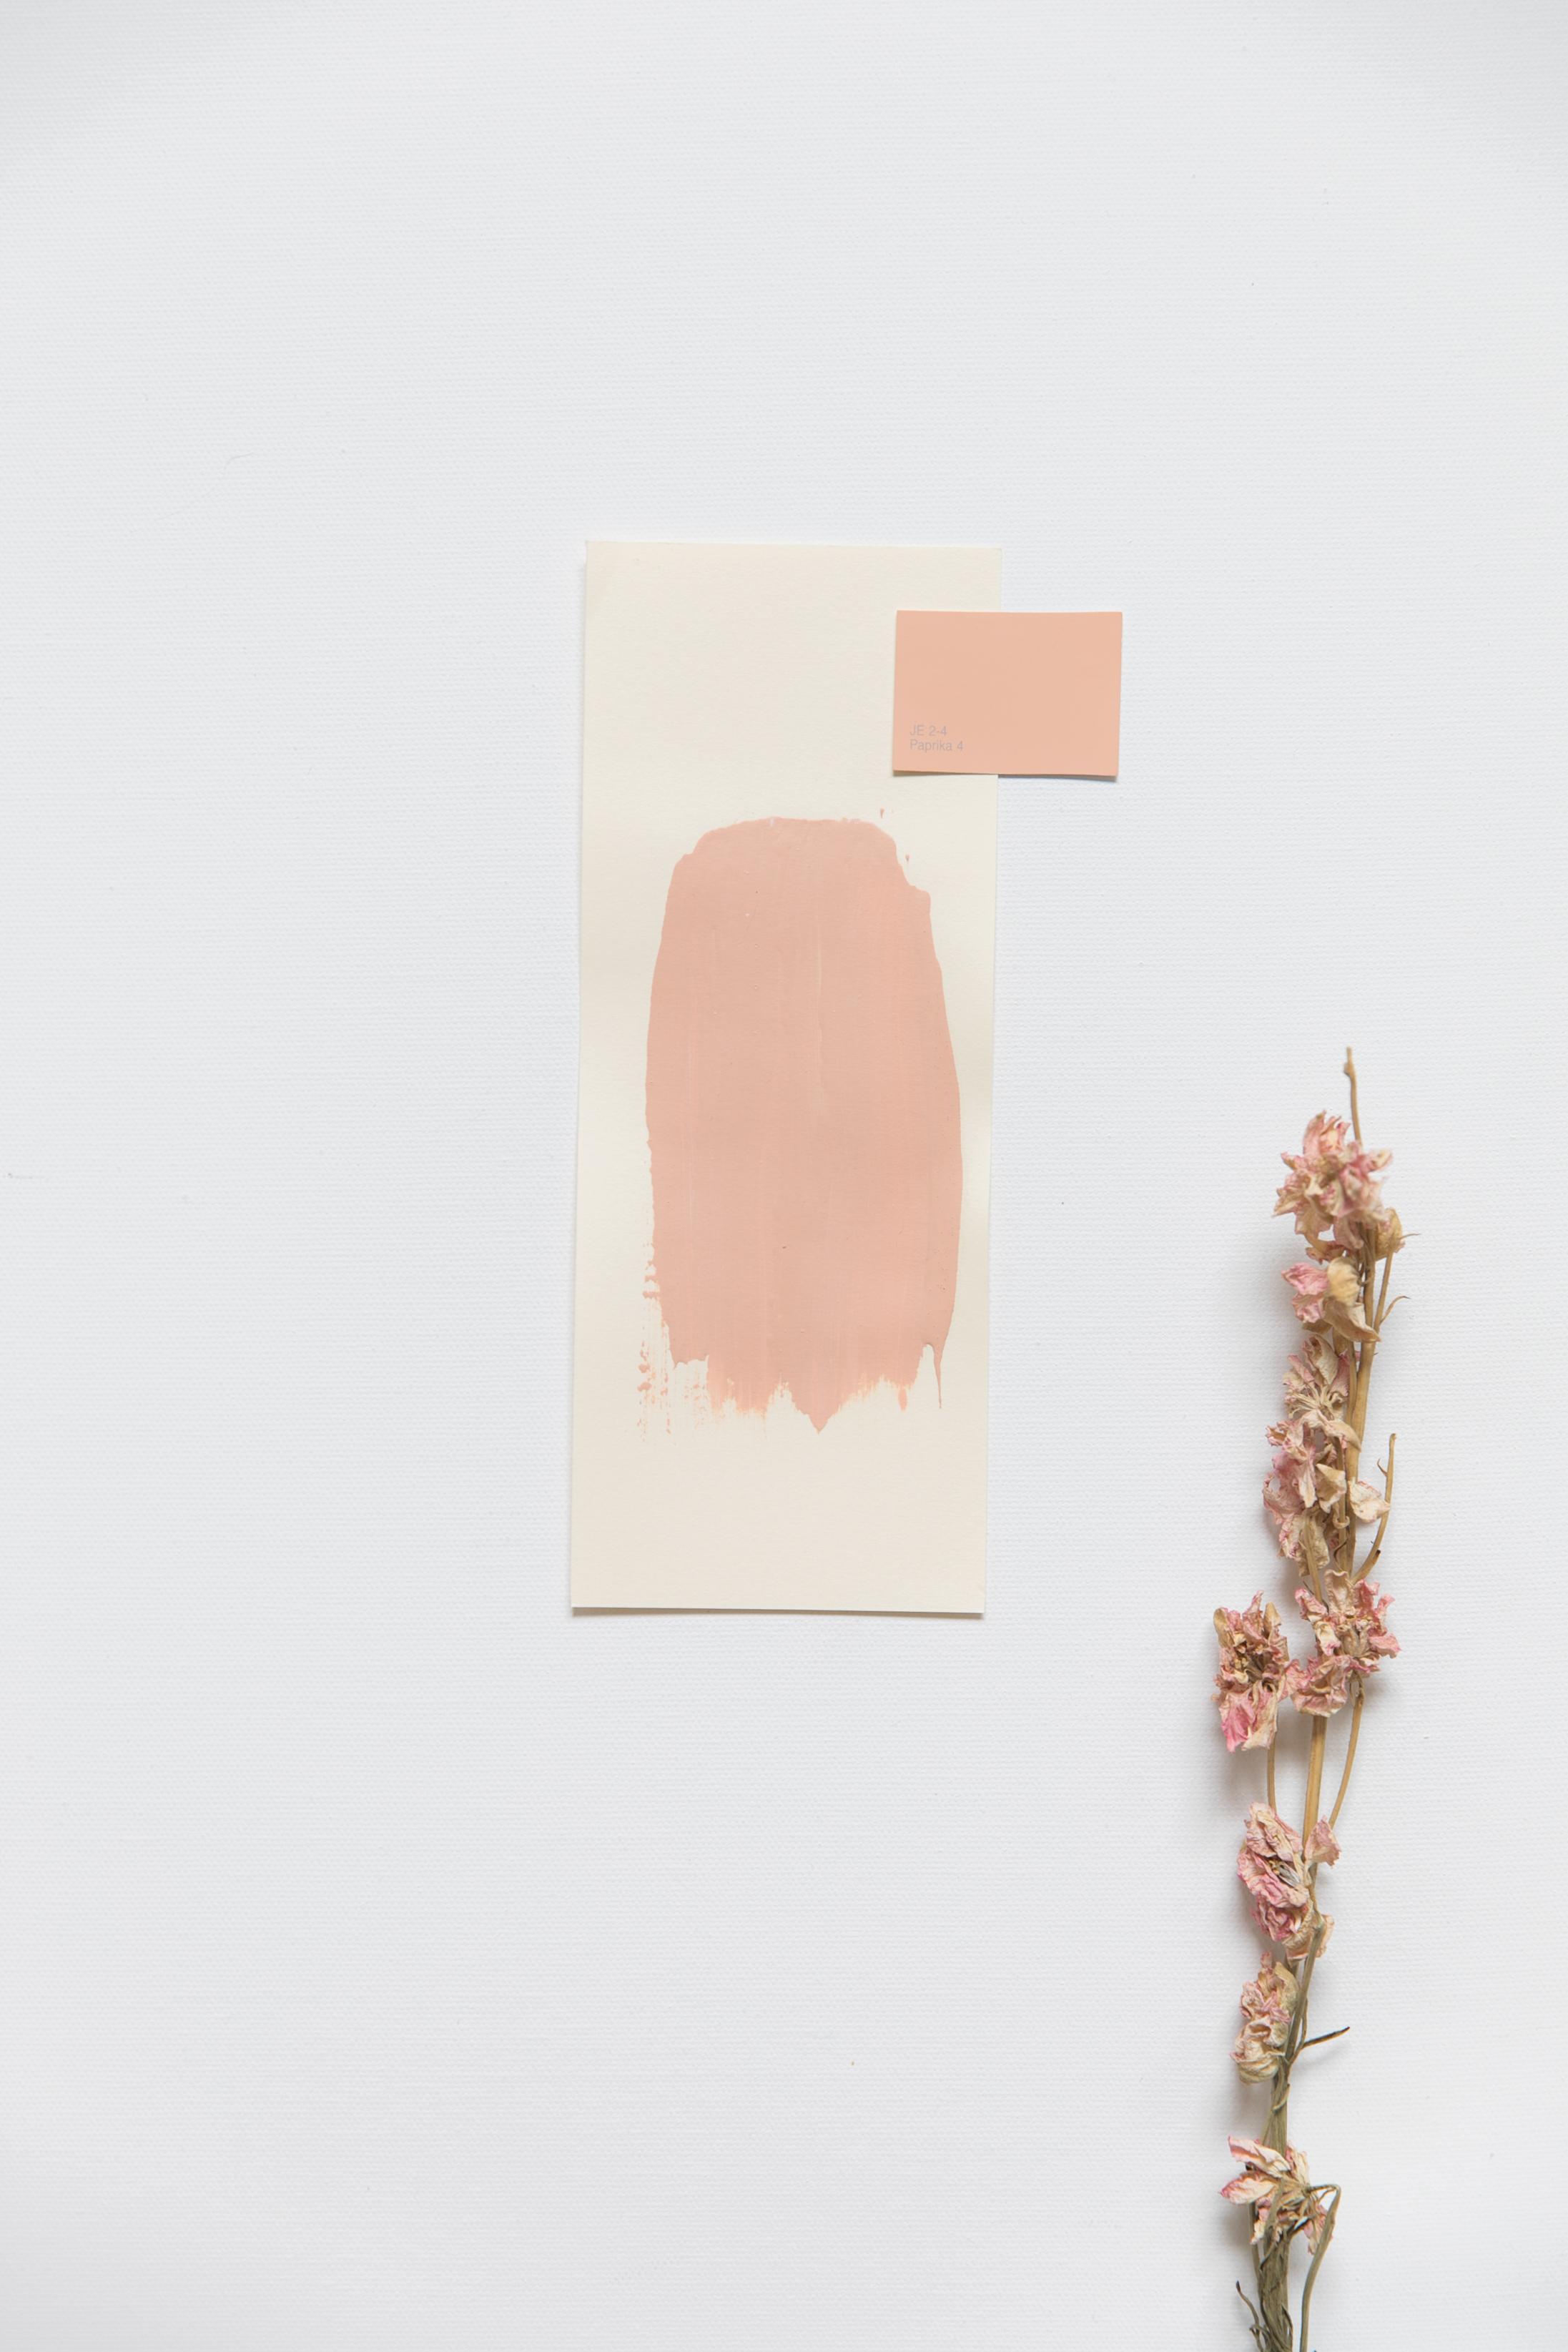 collection capsule sunset à biarritz peinture avec hypnotik-20